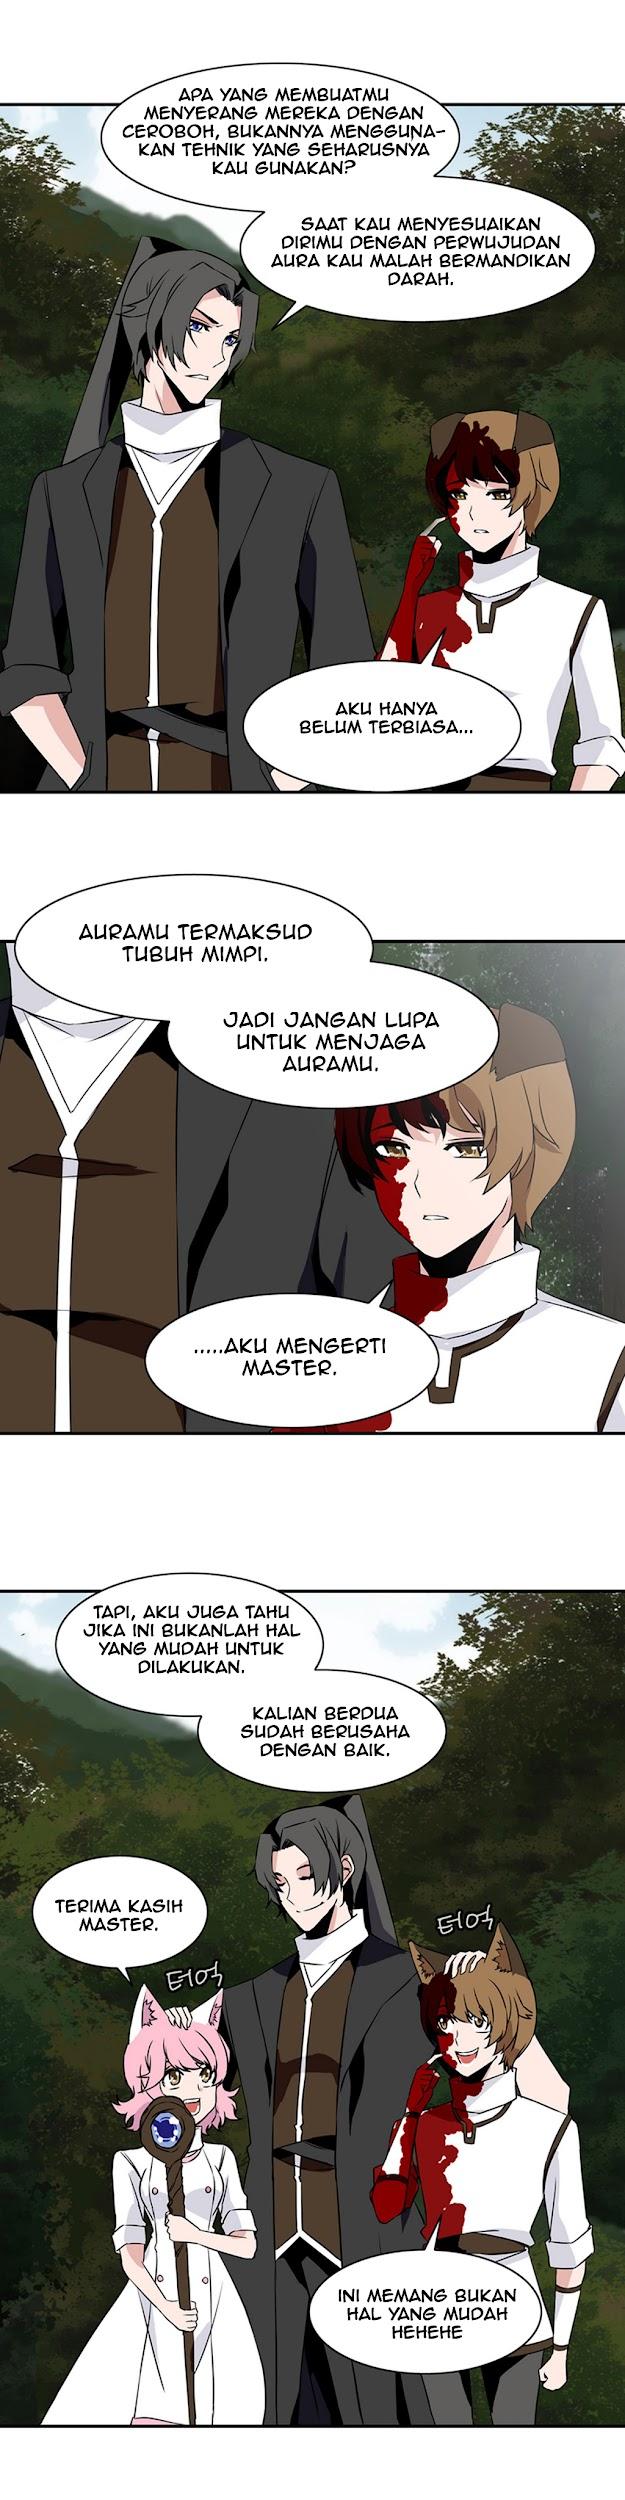 Dilarang COPAS - situs resmi www.mangacanblog.com - Komik wizardly tower 018 - chapter 18 19 Indonesia wizardly tower 018 - chapter 18 Terbaru 17|Baca Manga Komik Indonesia|Mangacan